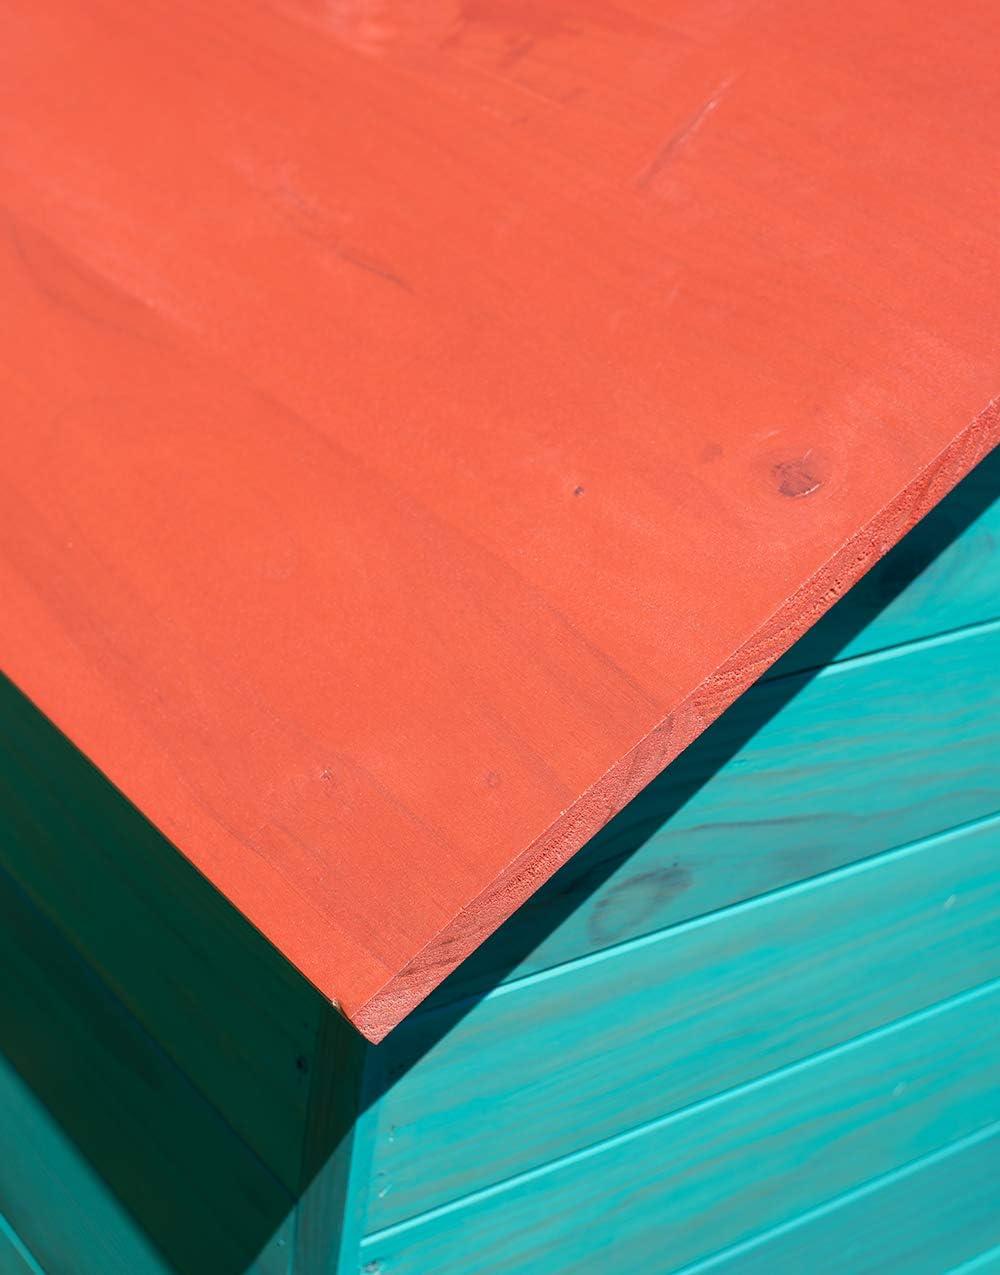 Luminos - Protector para acabado de manchas de madera al aire libre (1 QT, coral vivo): Amazon.es: Bricolaje y herramientas